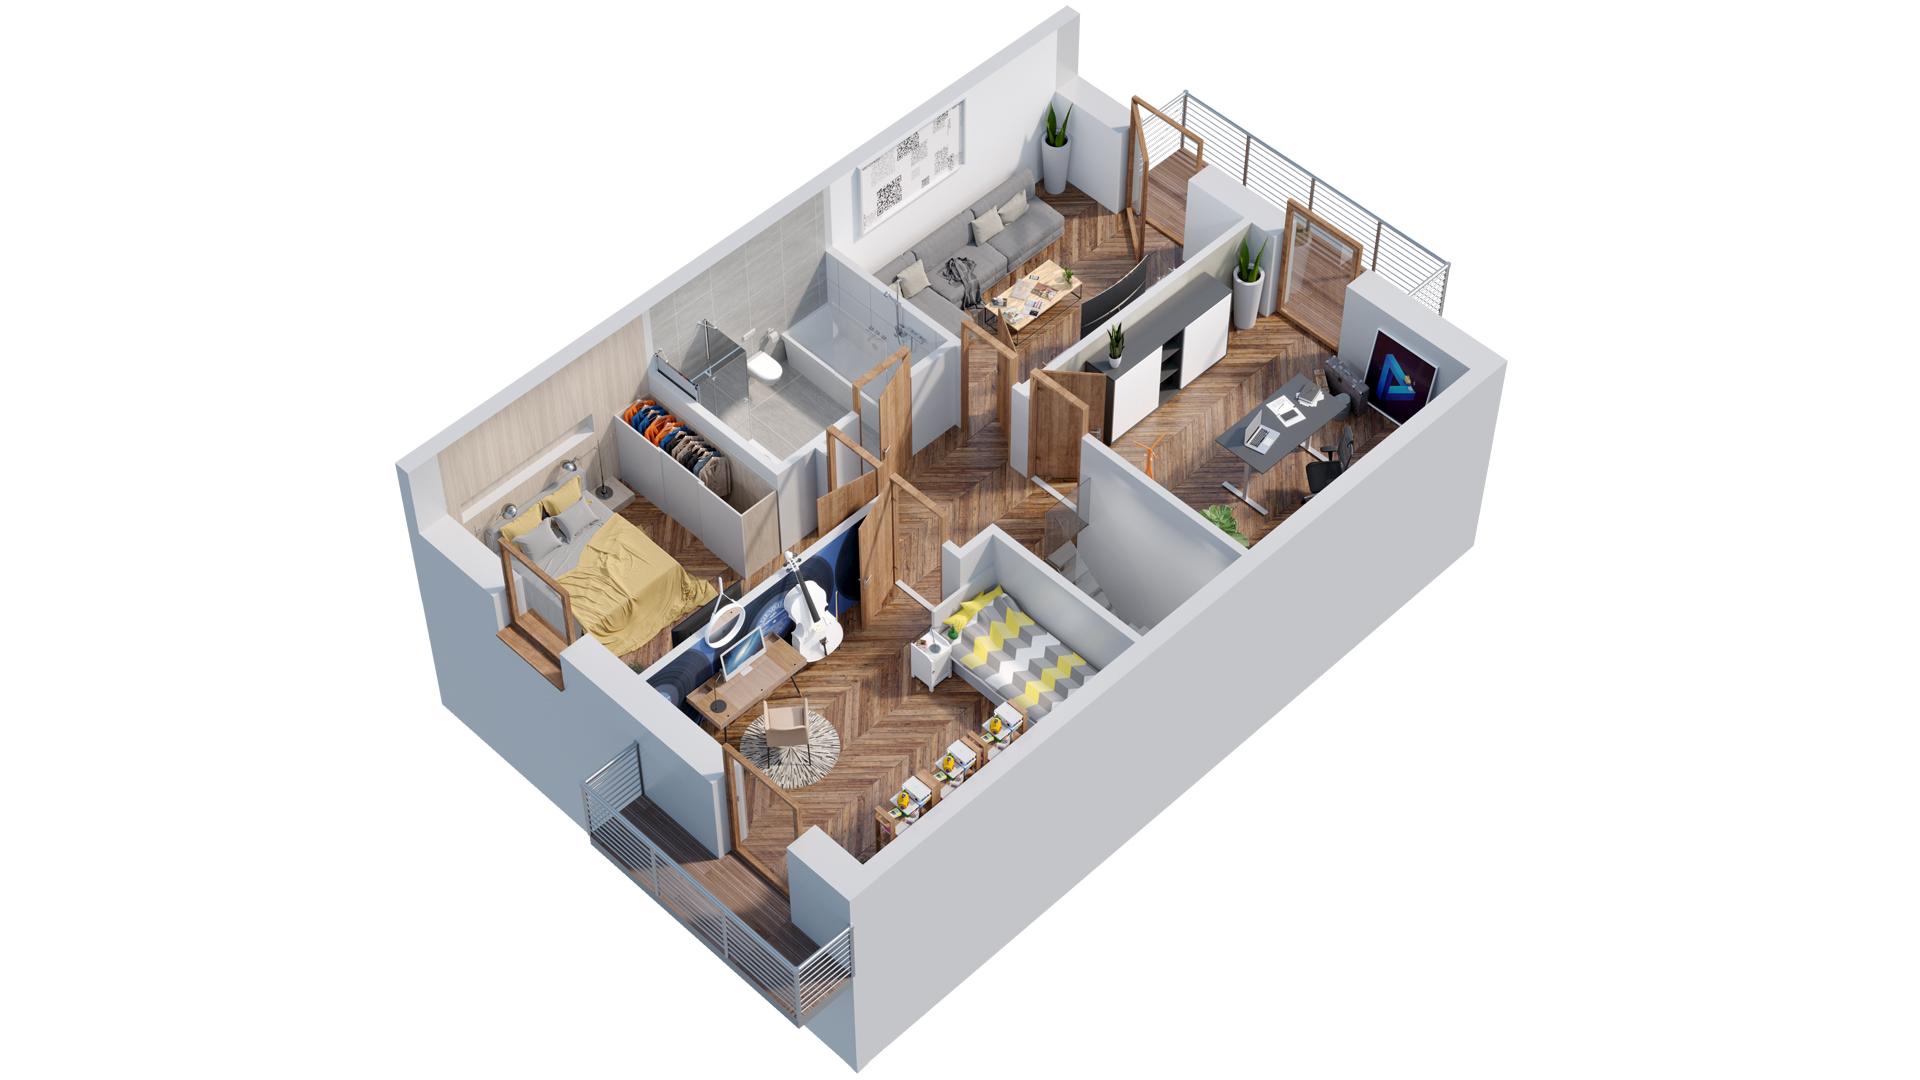 Ekodom-Wizualizacja mieszkania. Przekroje architektoniczne, rzuty 3D